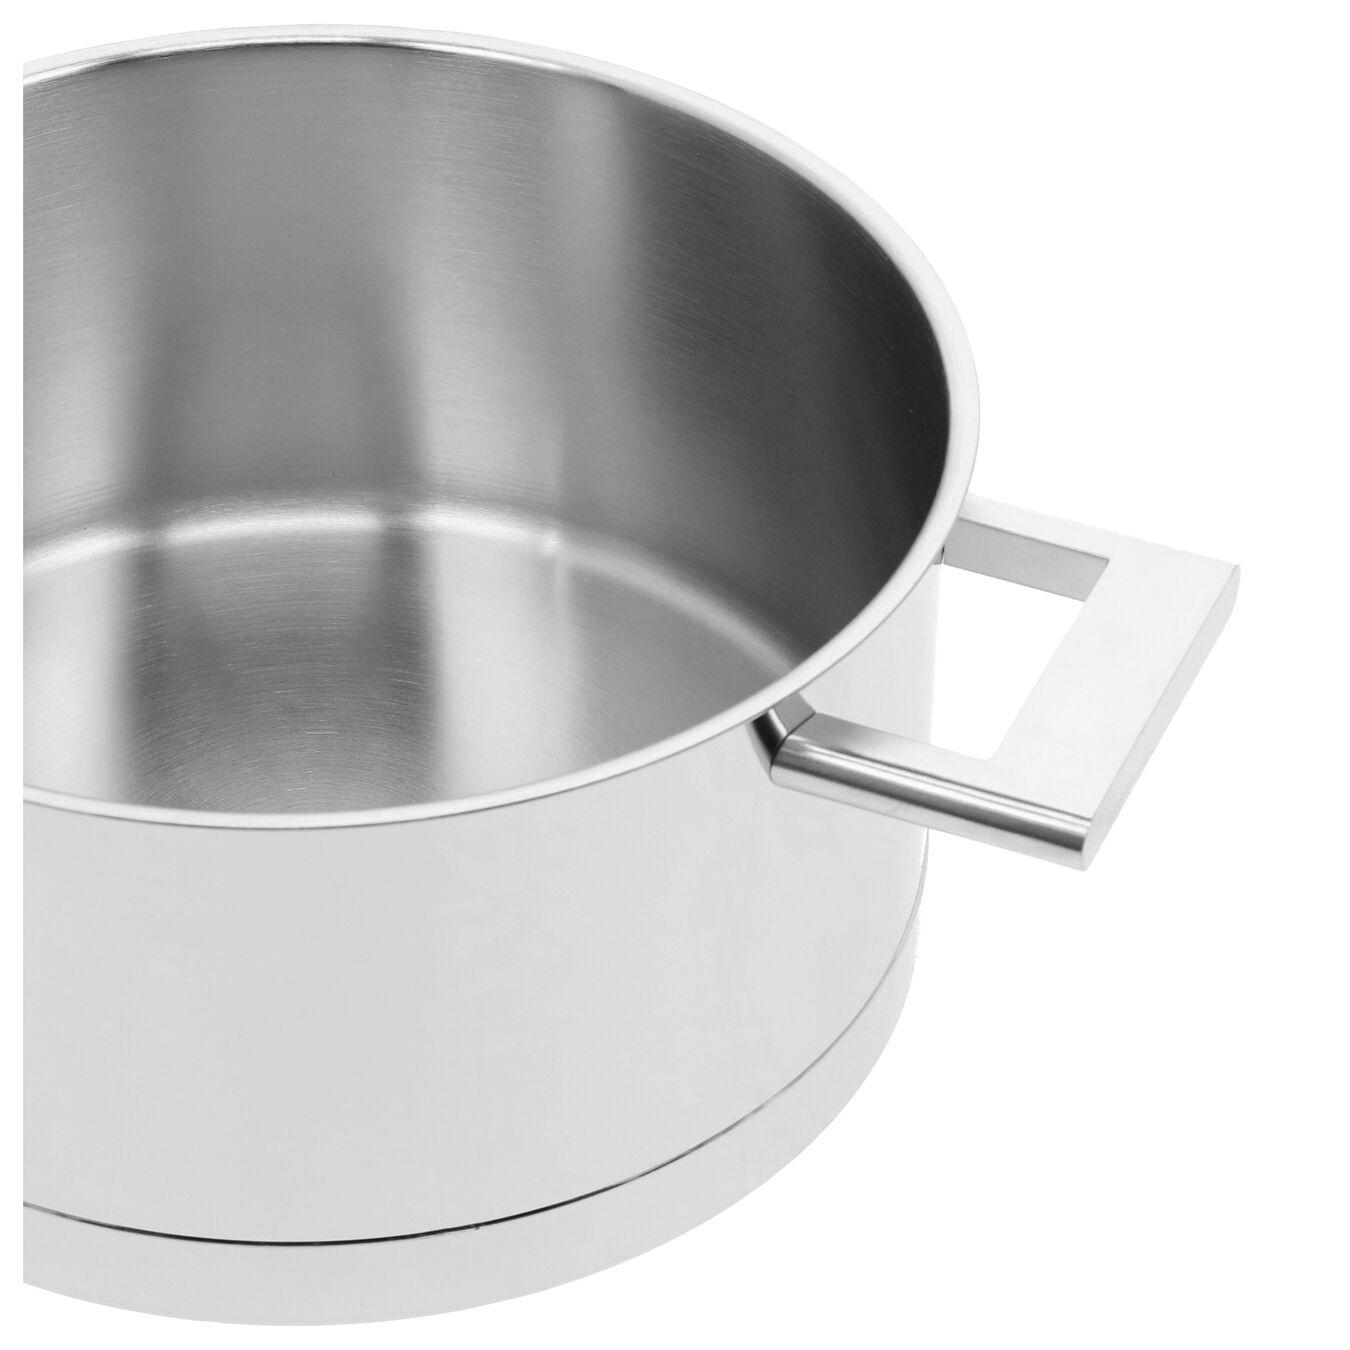 Sığ Tencere çift çıdarlı kapak | 18/10 Paslanmaz Çelik | 24 cm | Metalik Gri,,large 7